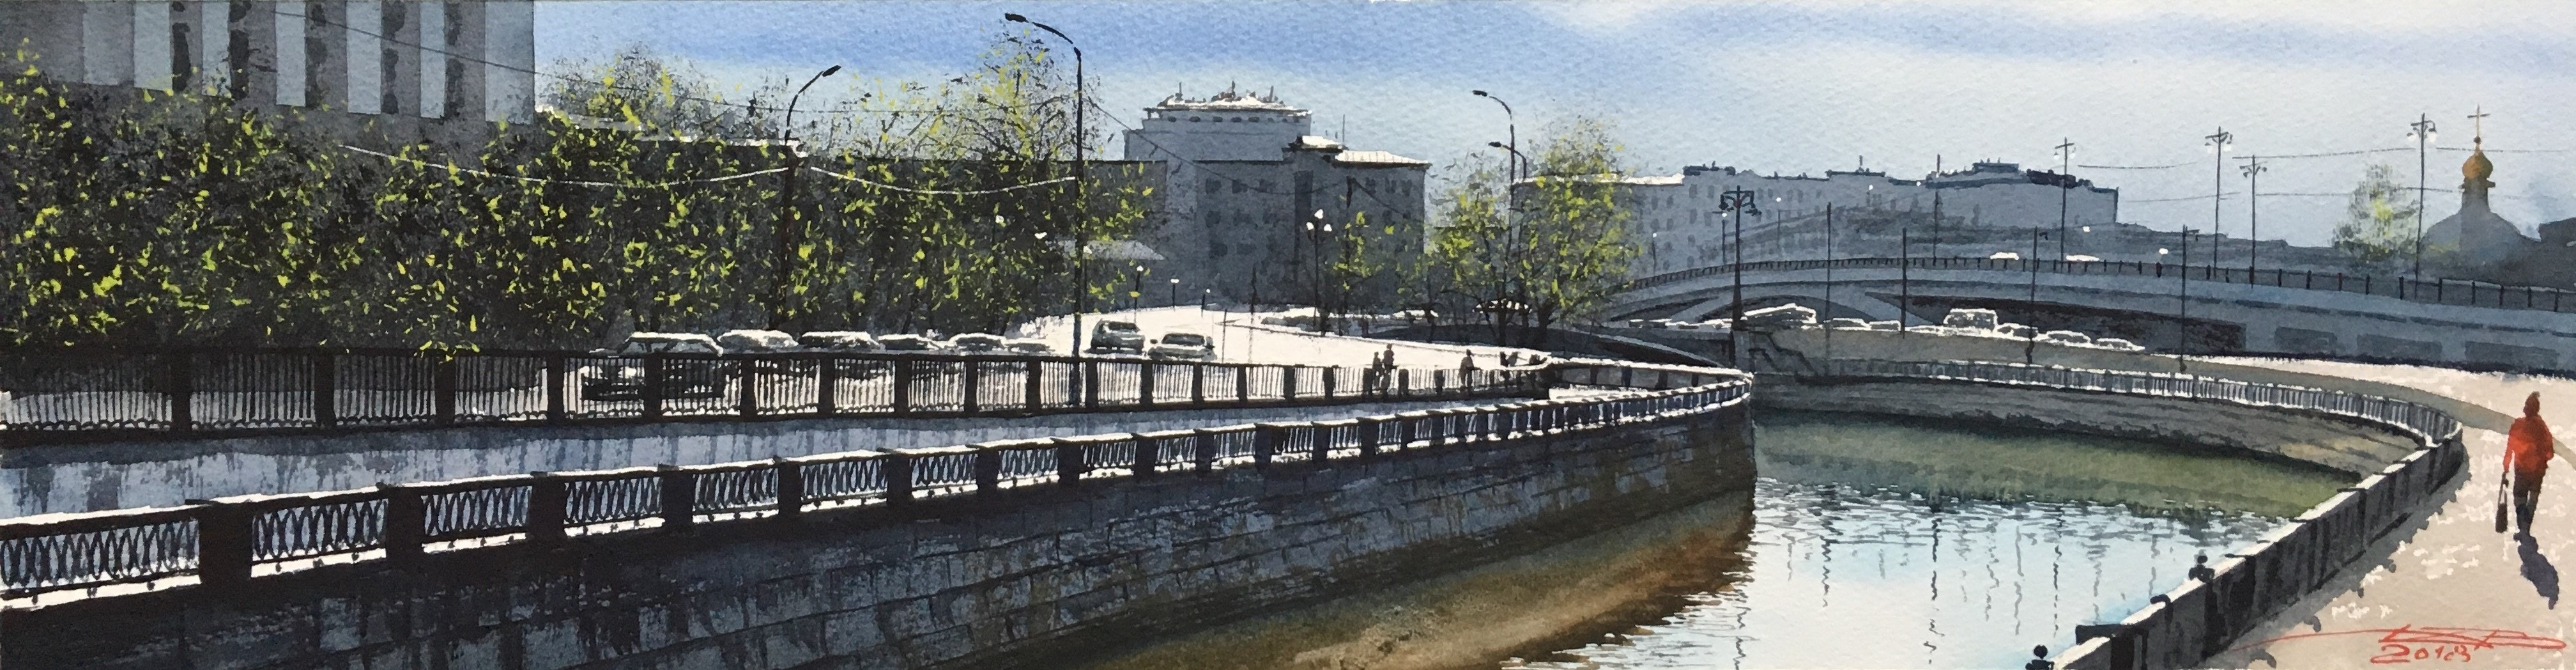 Устье реки Клязьмы. Москва